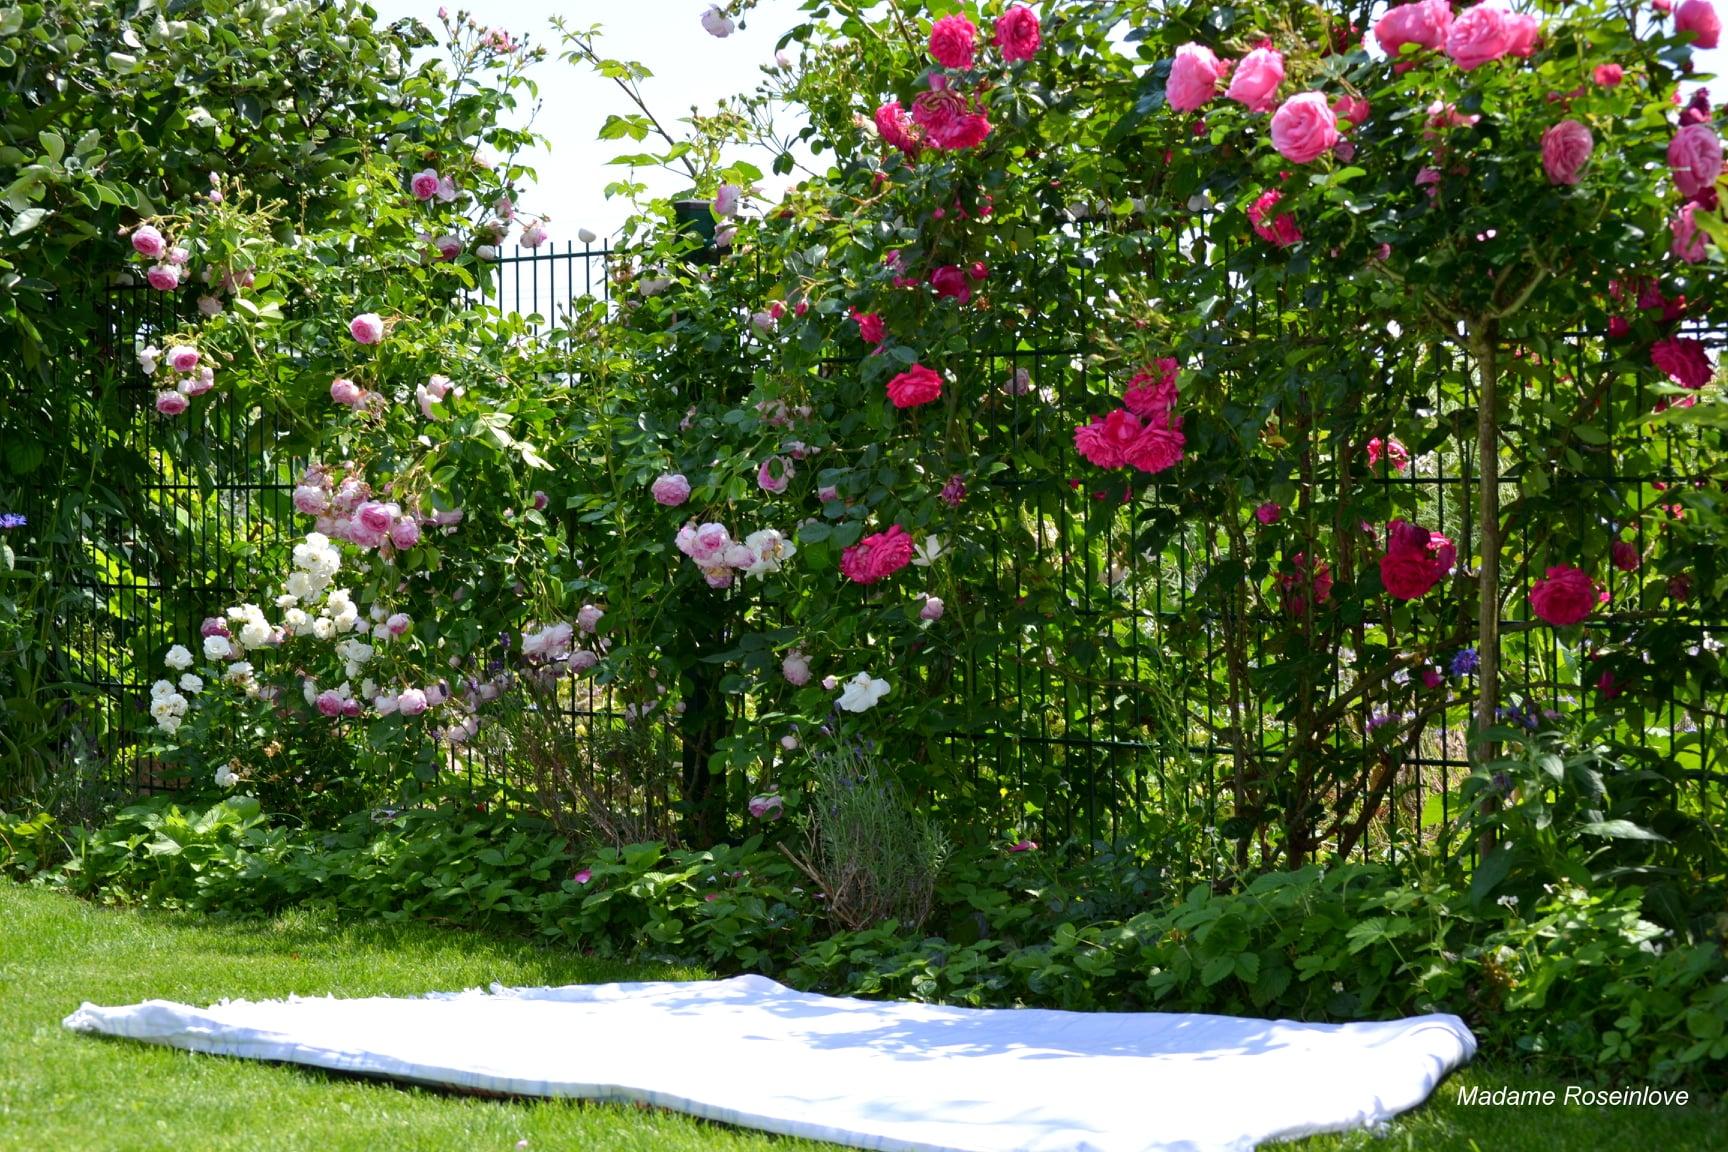 """""""Lạc lối"""" giữa vườn hồng đẹp như tranh vẽ của cô giáo người Việt tại Đức - Ảnh 1"""